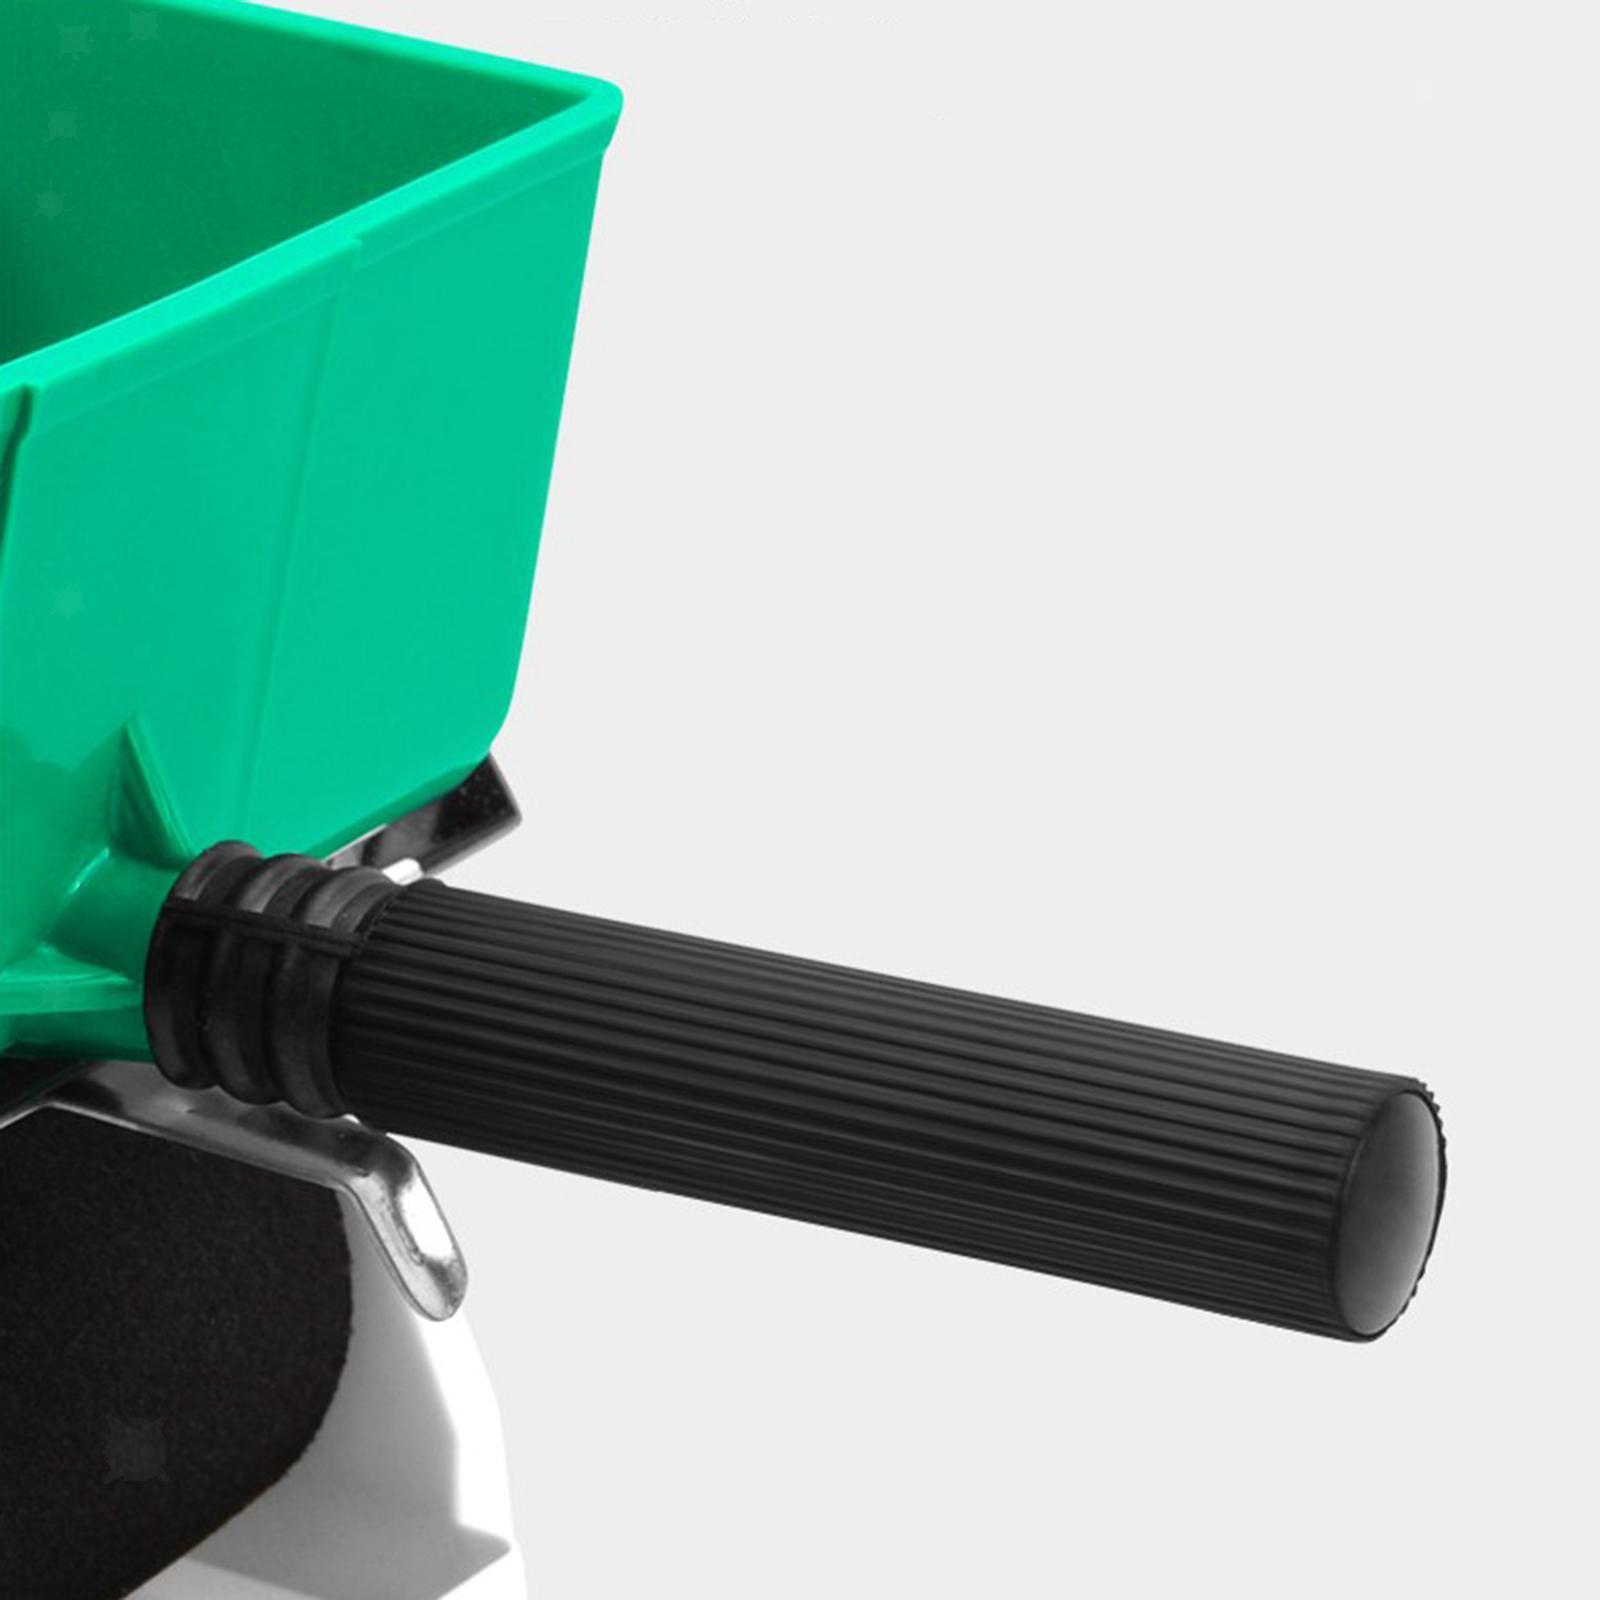 miniatura 30 - 180mL/320mL Portatile Colla Applicatore Rullo Professionale Rivestito Colla